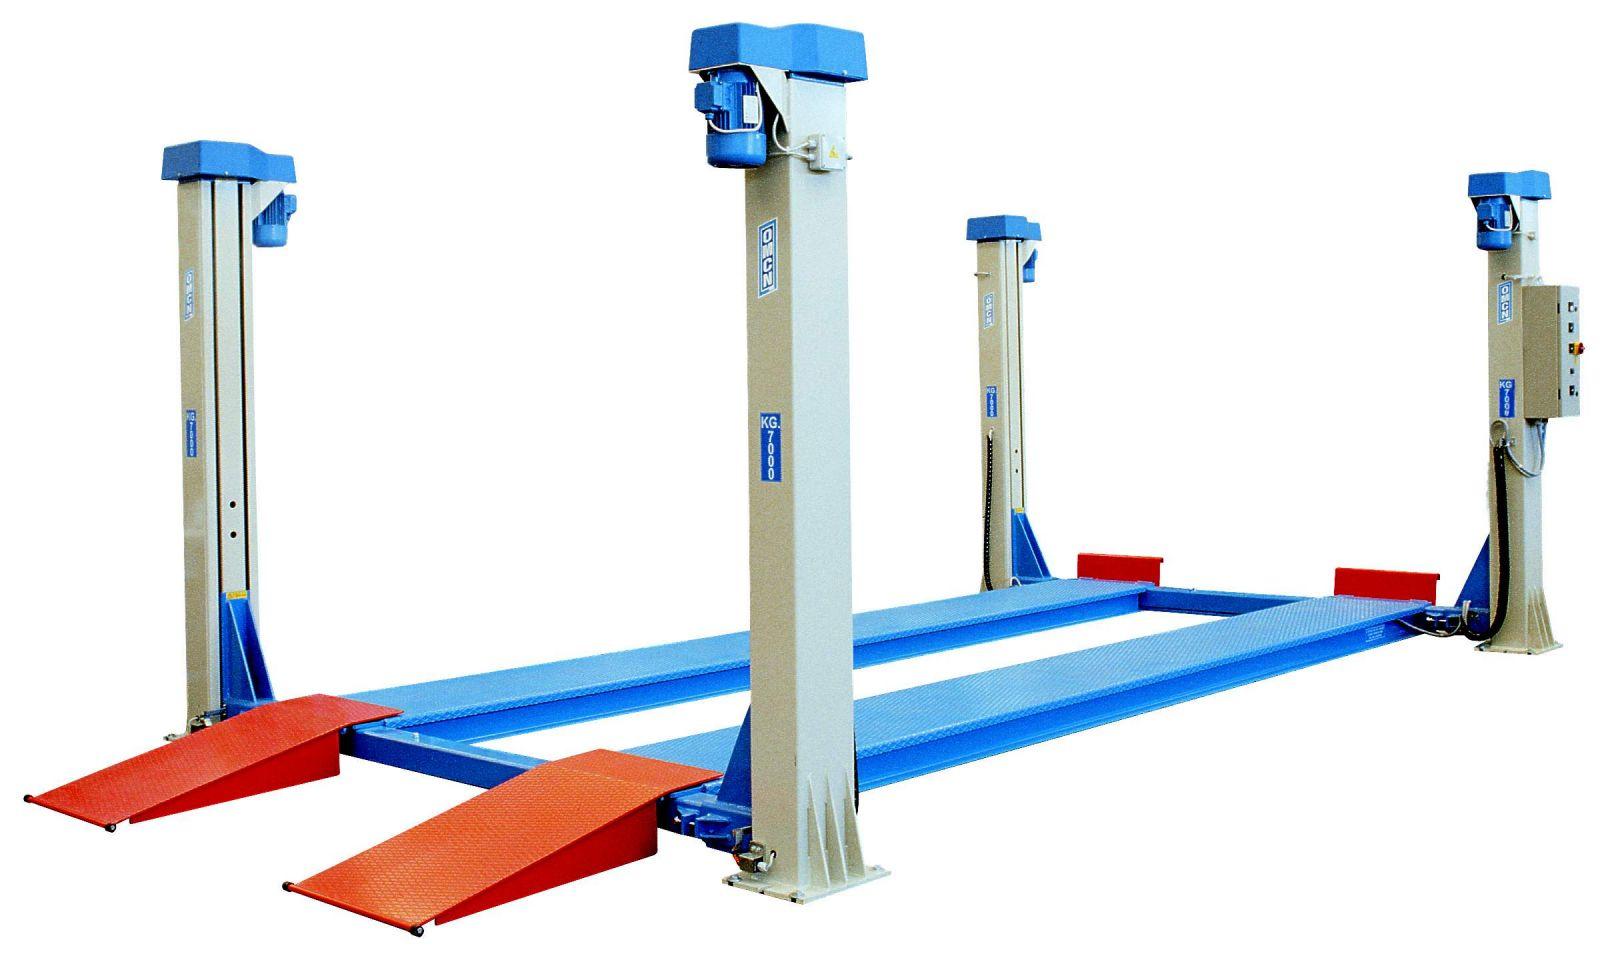 Vendita ponti 4 colonne omcn assistenza ponti 4 colonne for Ponte adue colonne usato